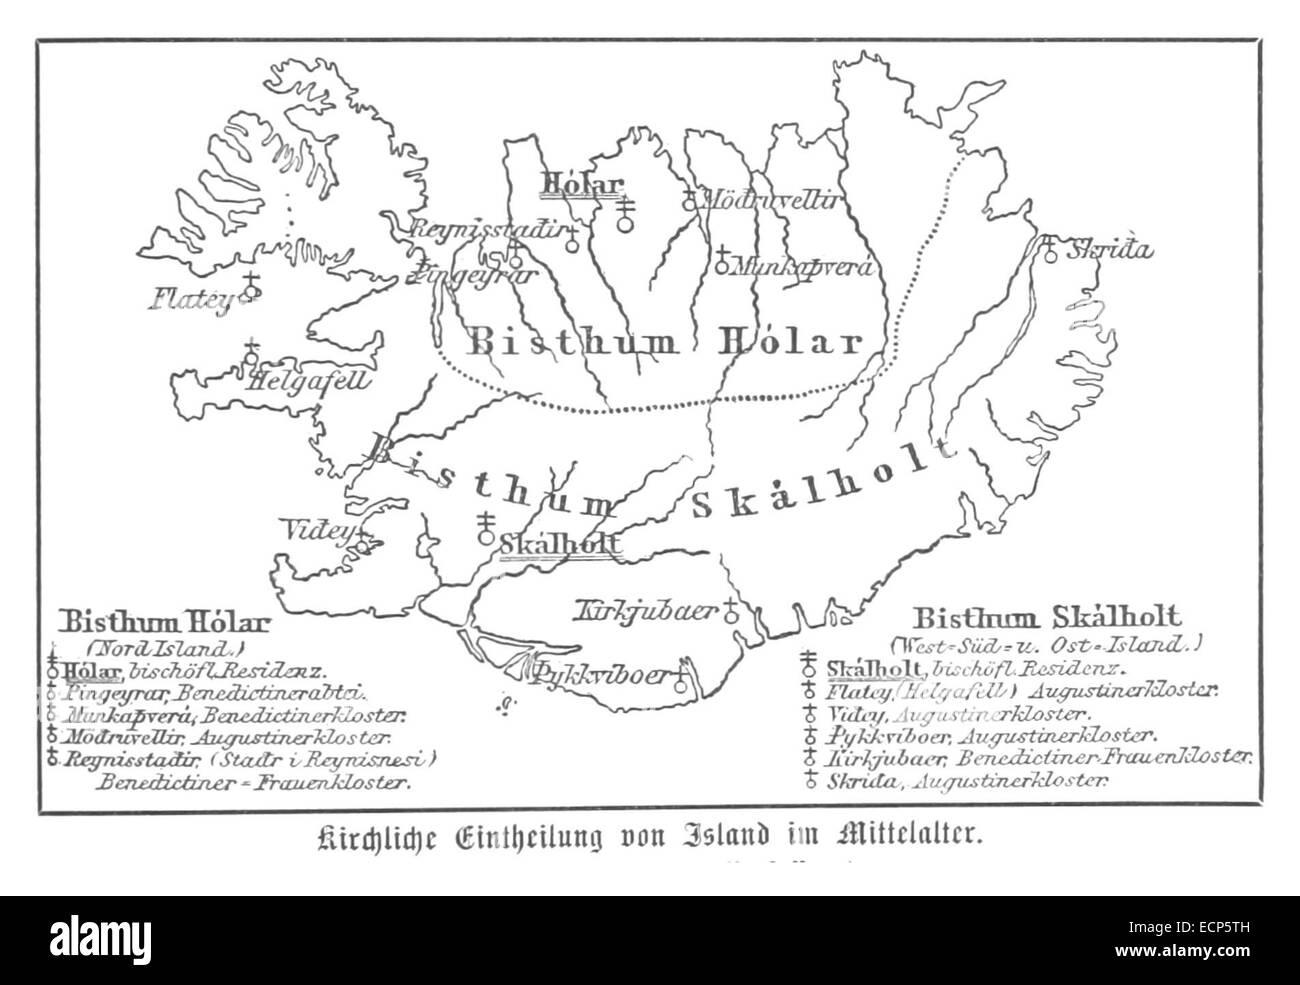 (Baumg1889) Kirchliche Einteilung (Bistümer) Islands im Mittelalter - Stock Image